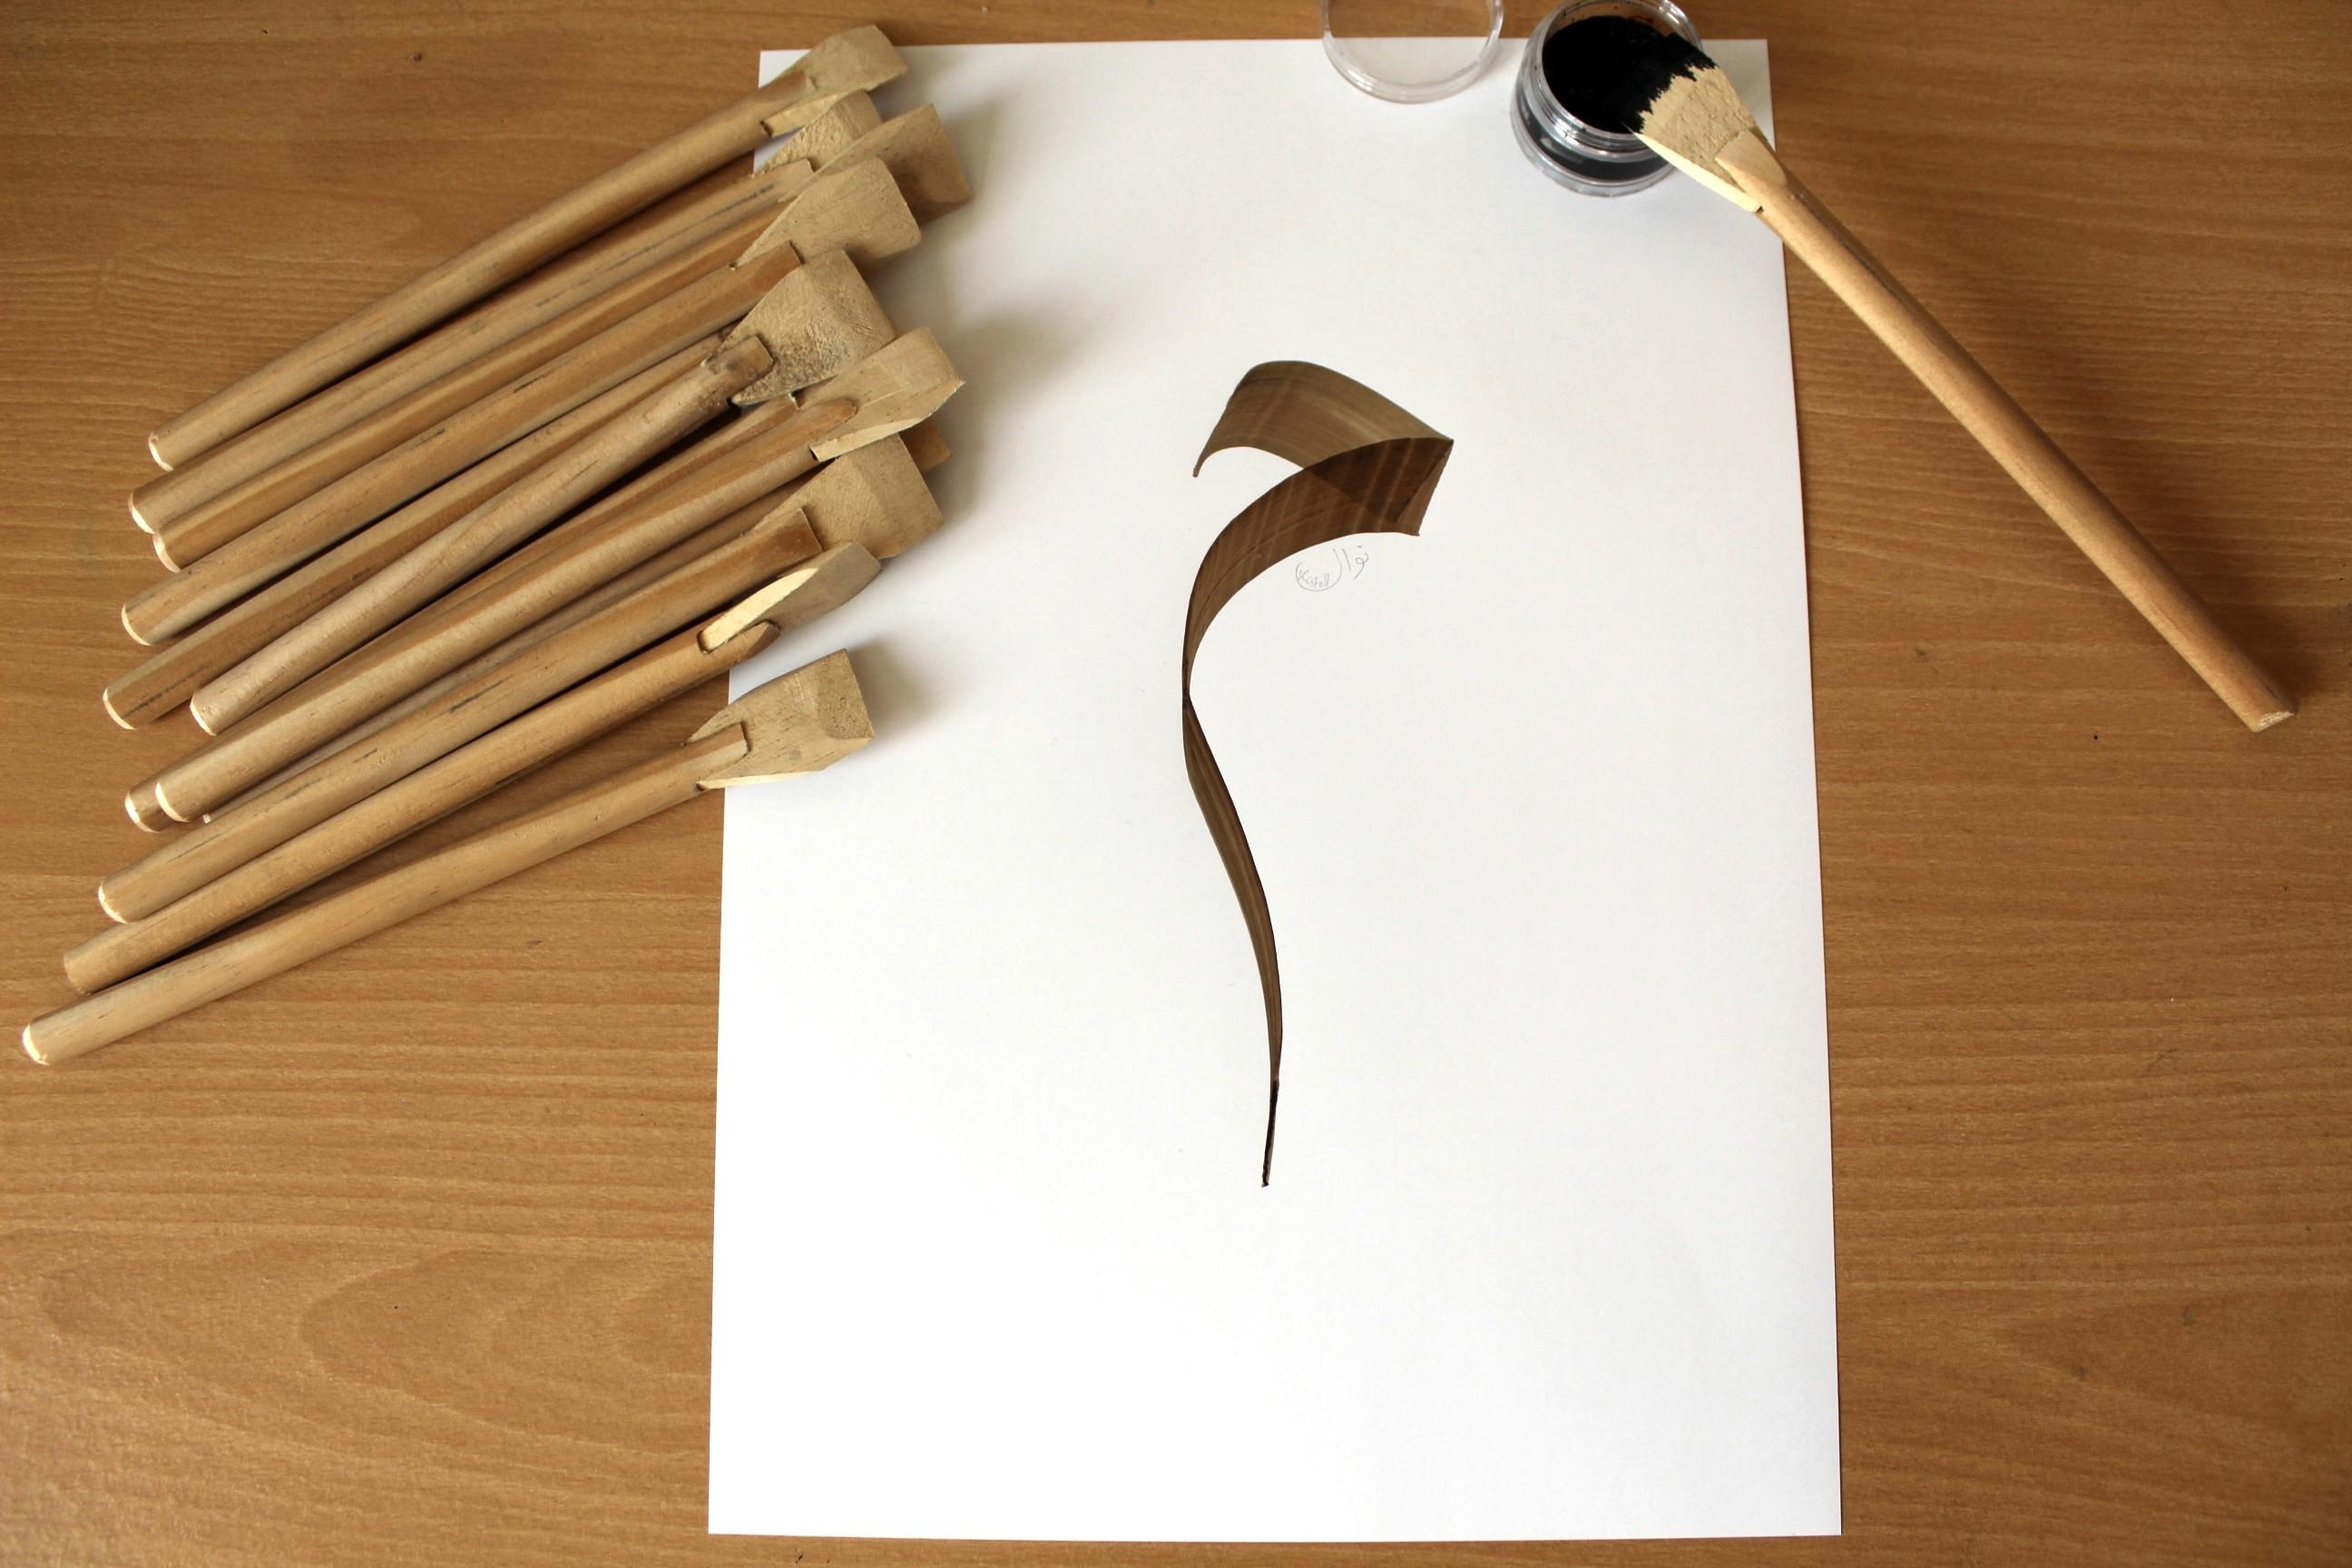 Lettre Mim calame calligraphie arabe